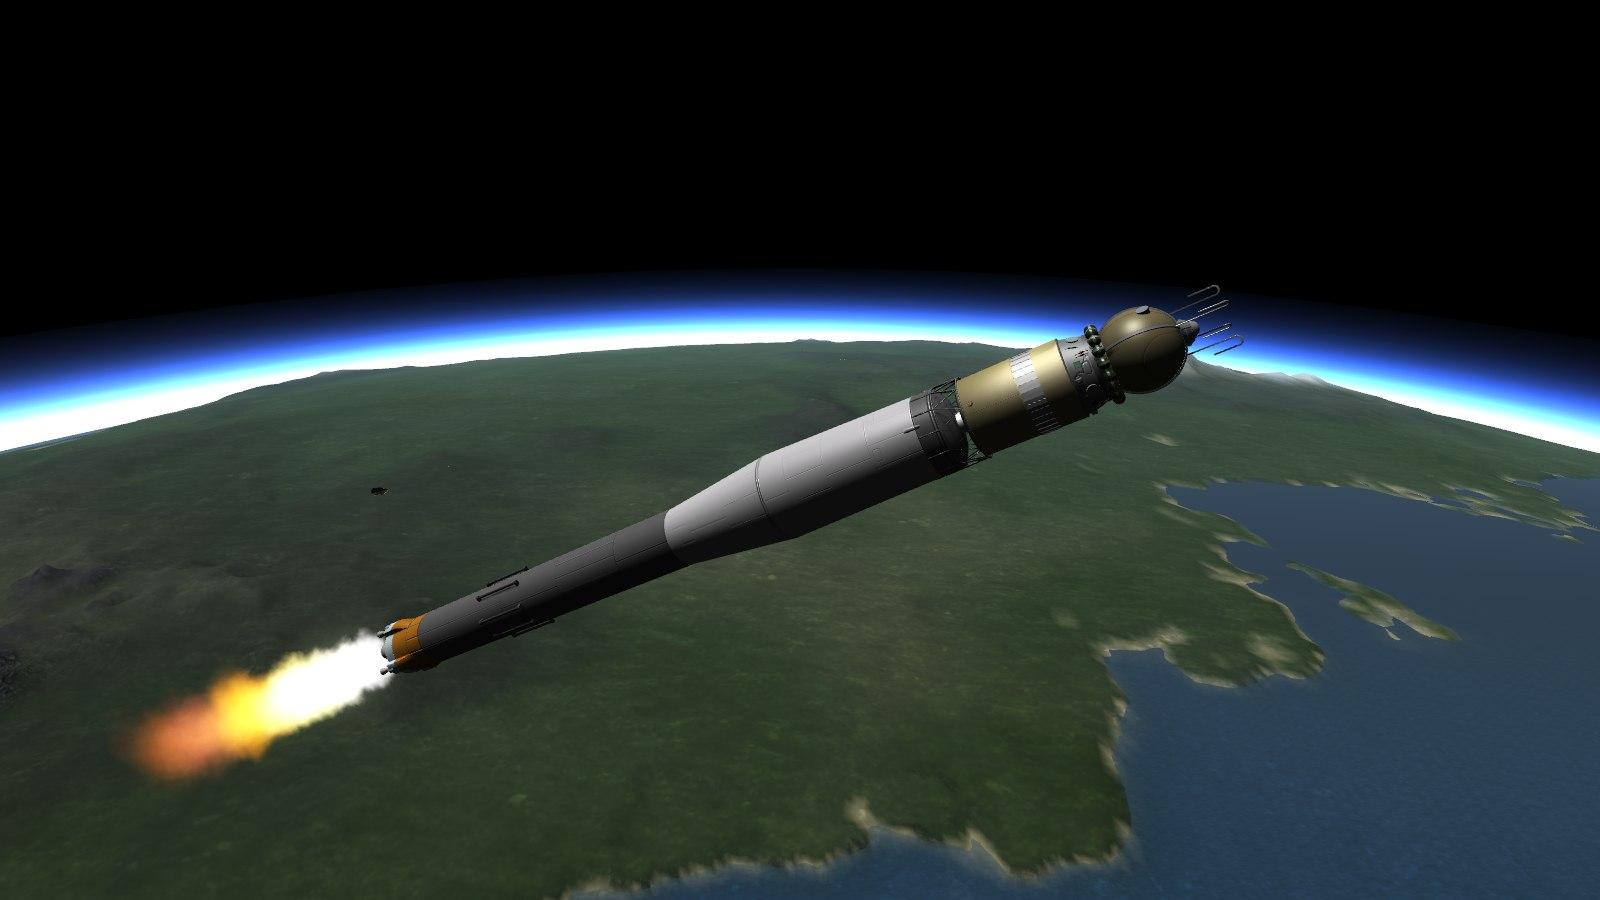 spacecraft ksp - photo #45